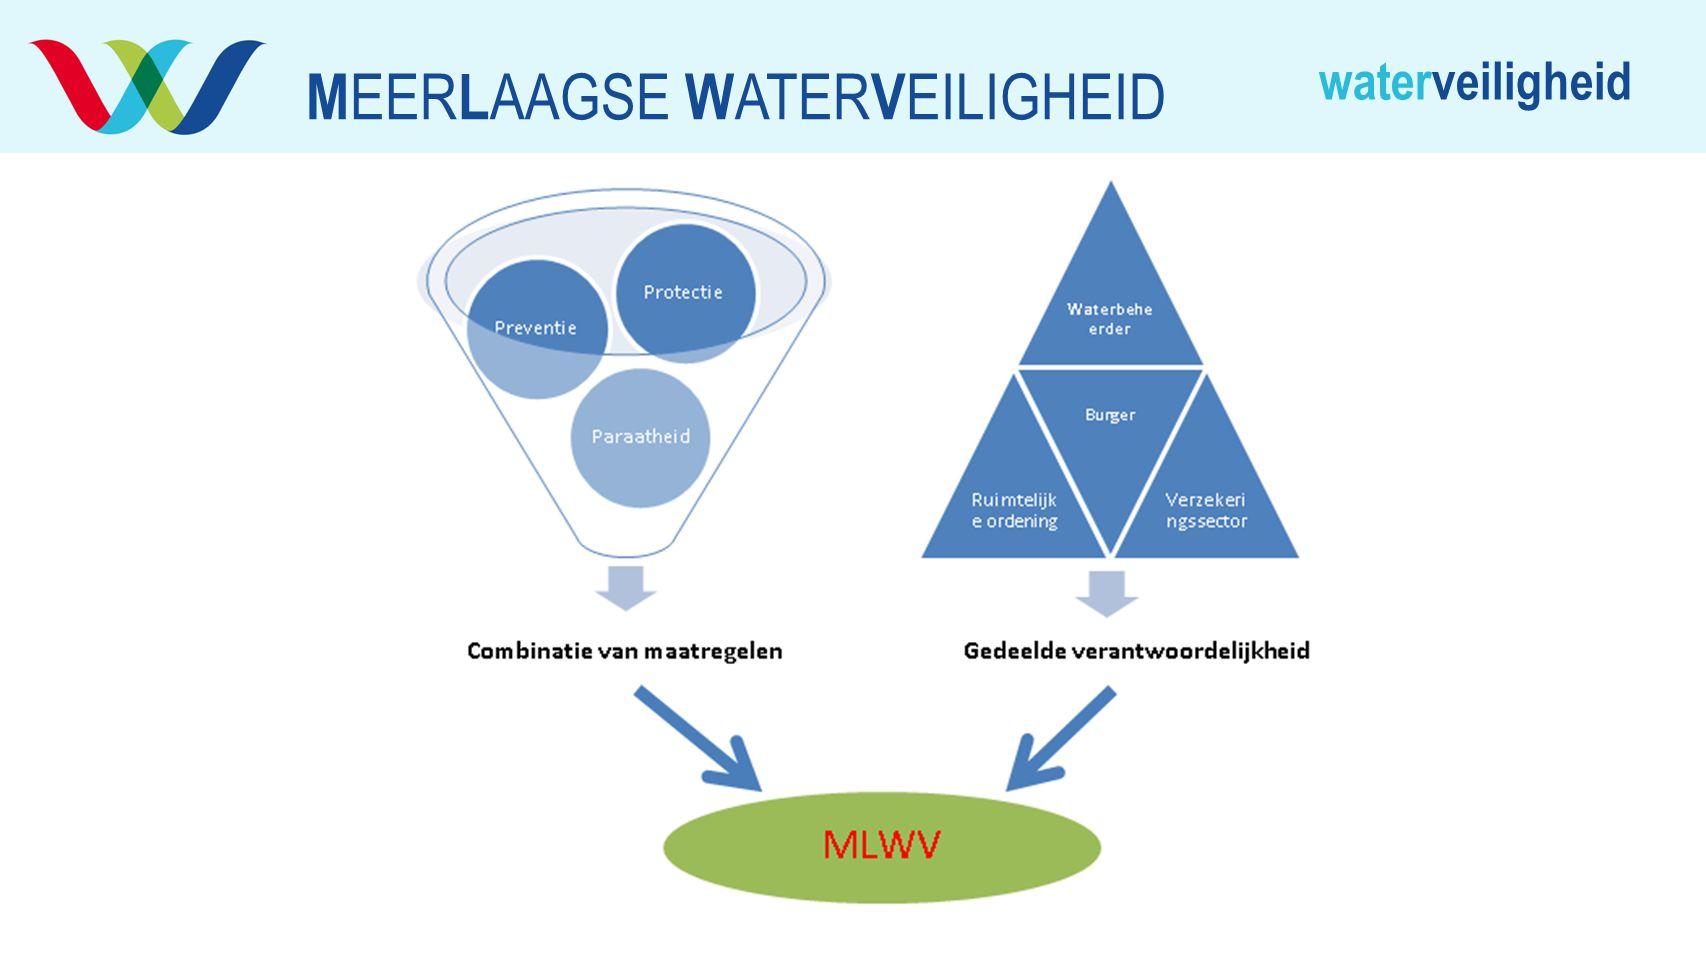 waterveiligheid M EER L AAGSE W ATER V EILIGHEID